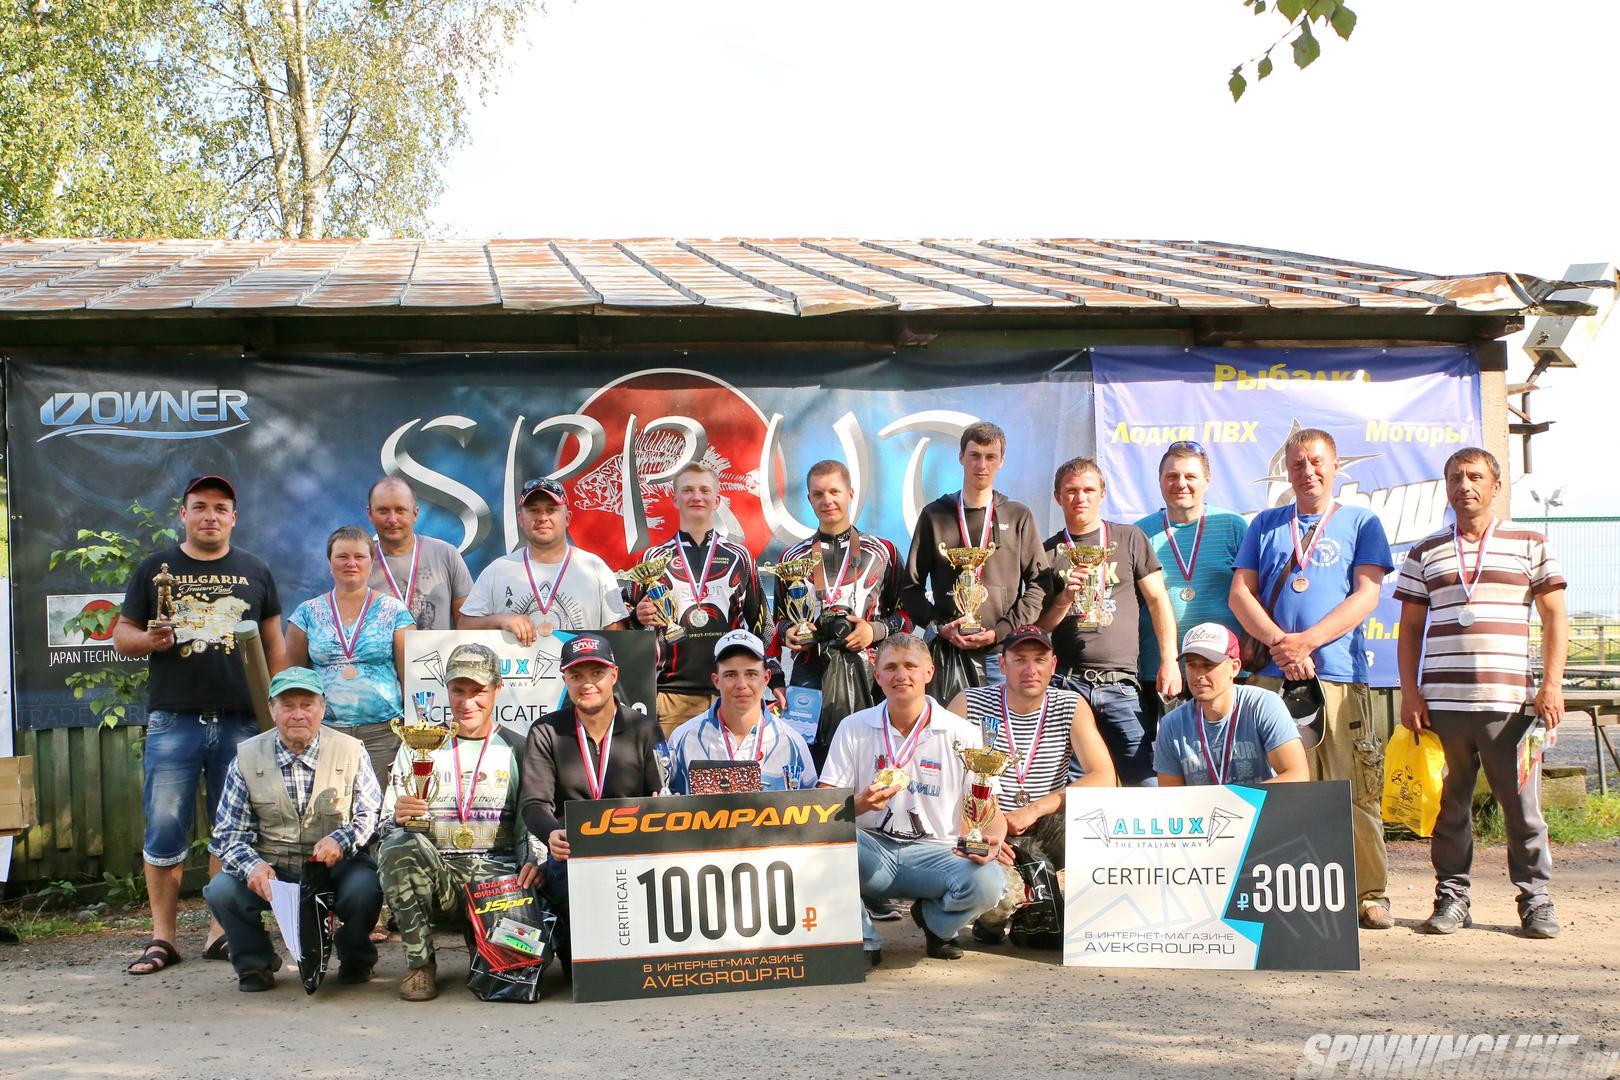 дня рыболовные соревнования 2016 в санкт-петербурге наблюдаемся